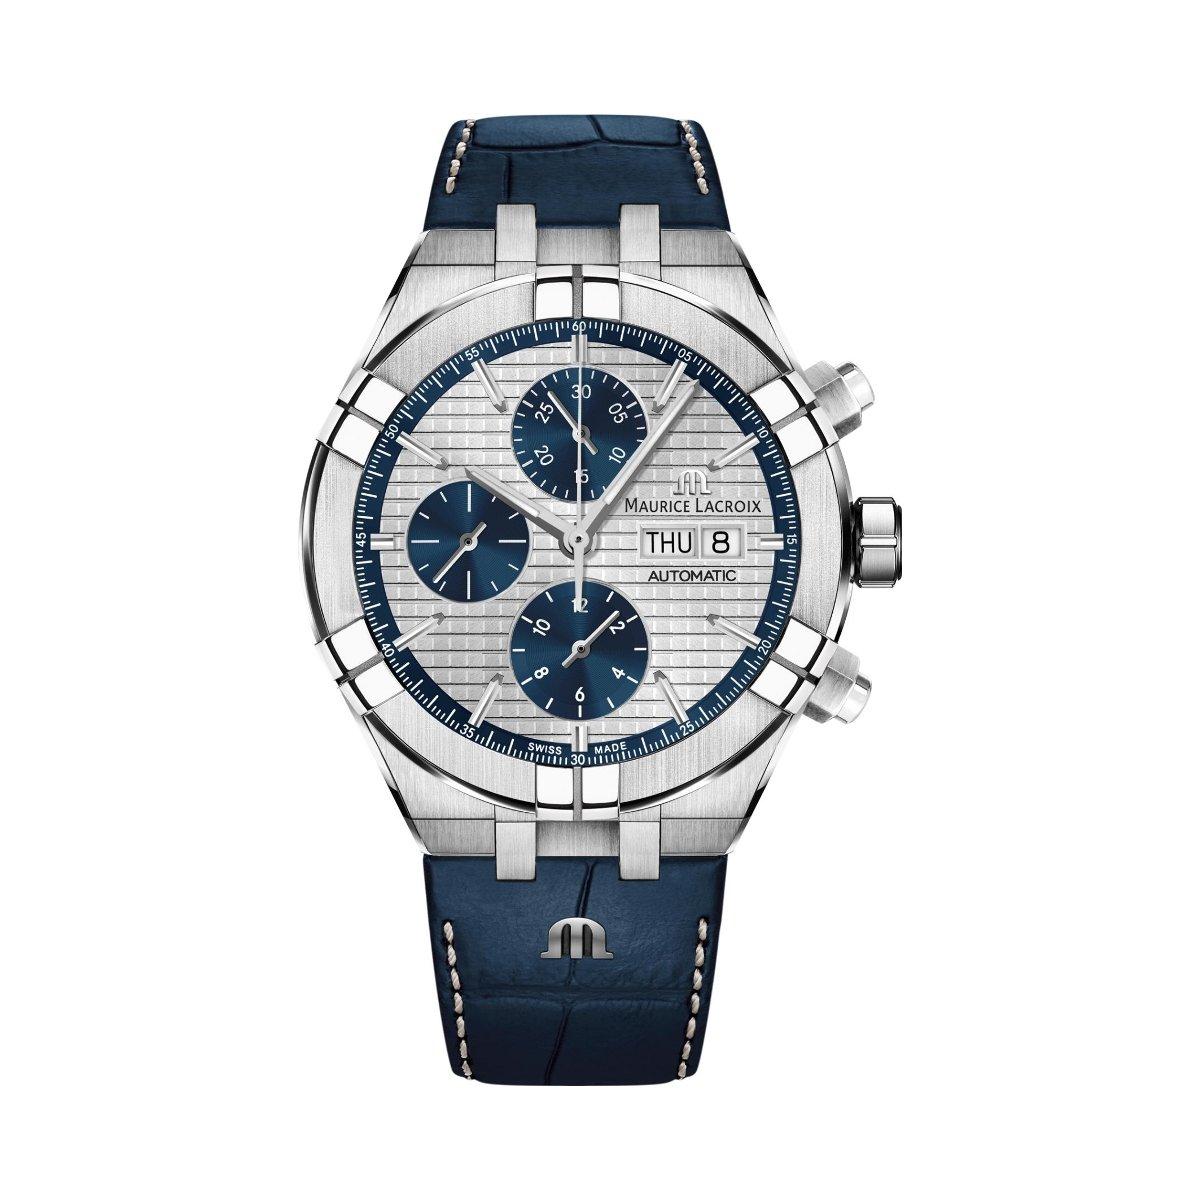 Chronographe 1 Montre Lacroix Aikon 131 Ai6038 Ss001 Maurice Automatique 3qj4L5AR